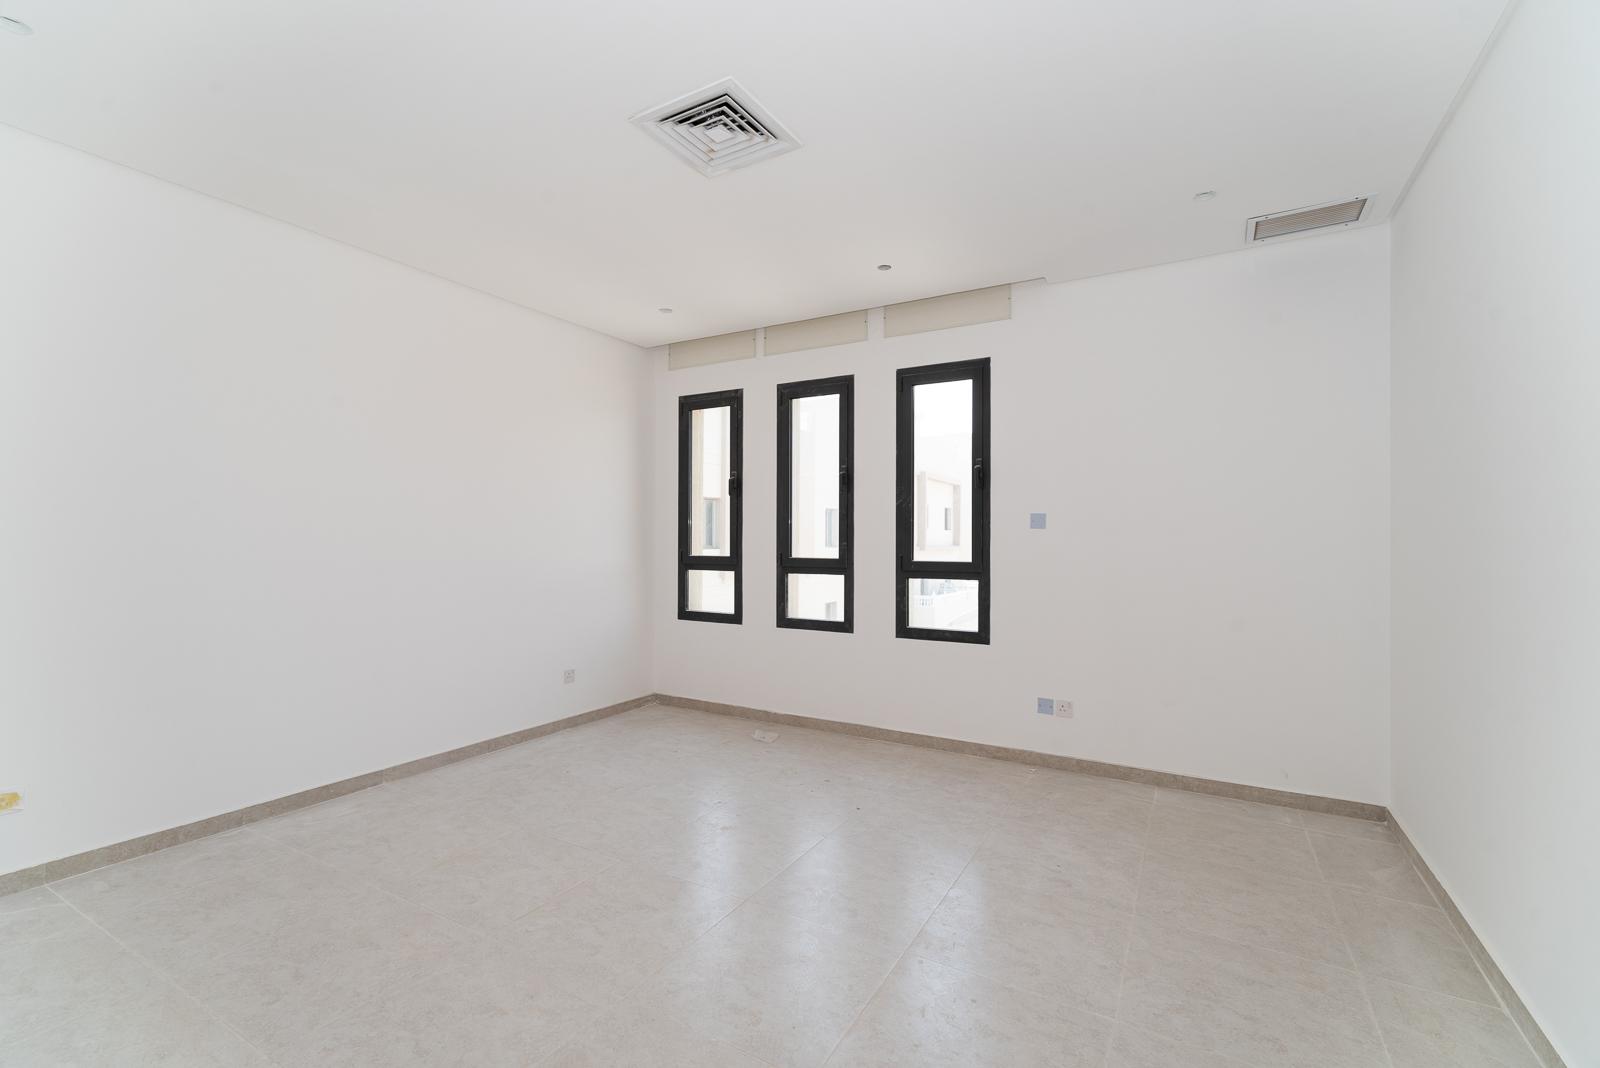 Fnaitees – large, new, unfurnished apartments